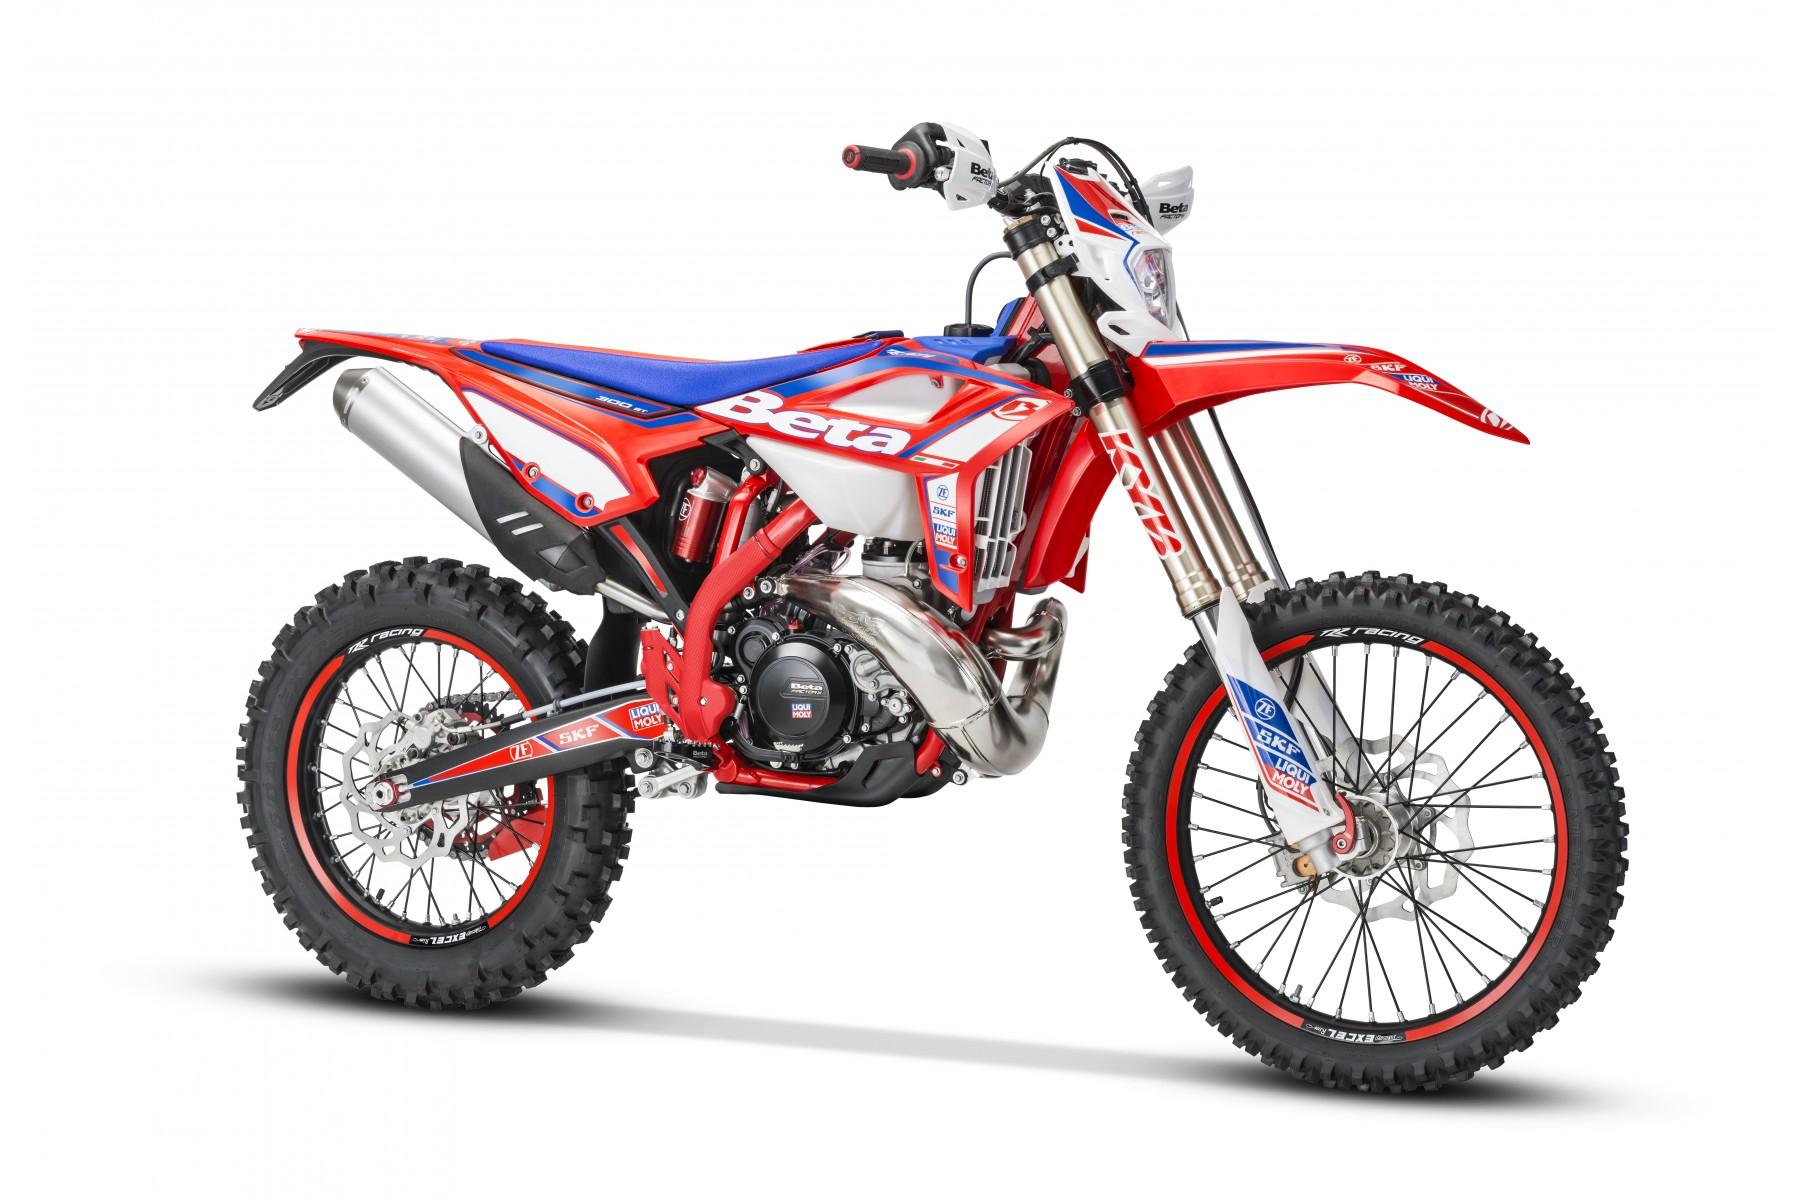 RR RACING 2T 250